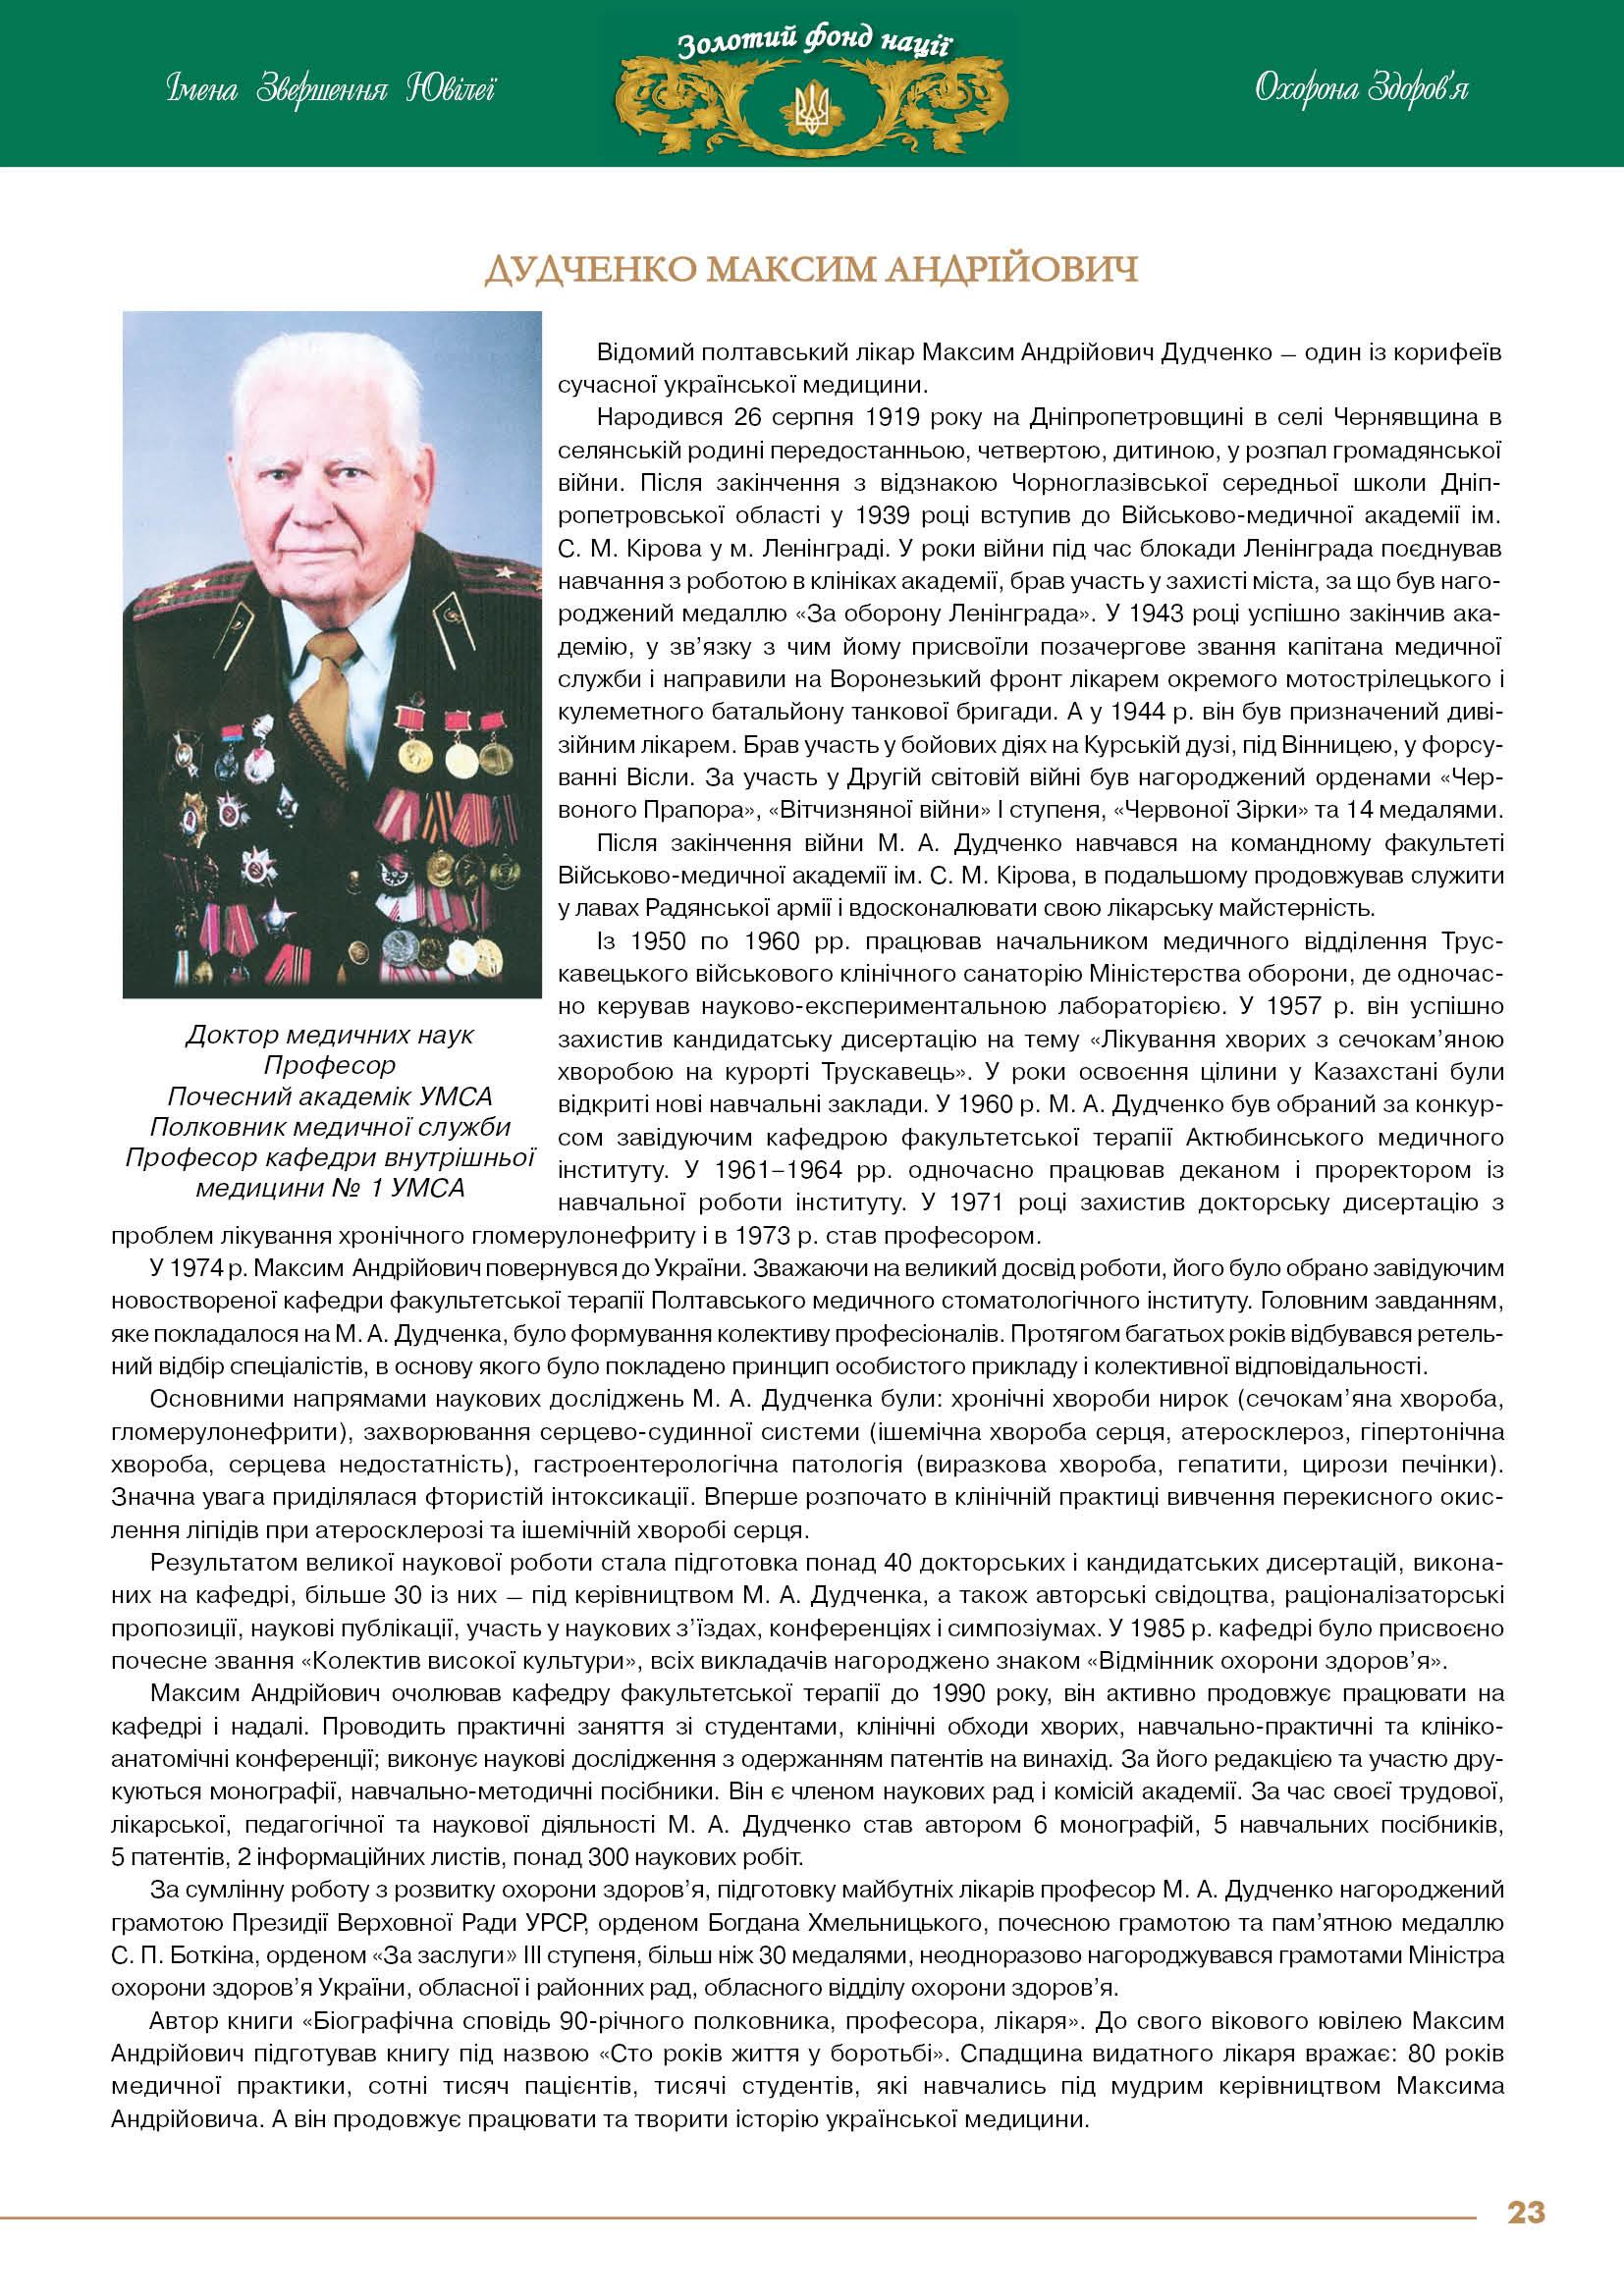 Дудченко Максим Андрійович